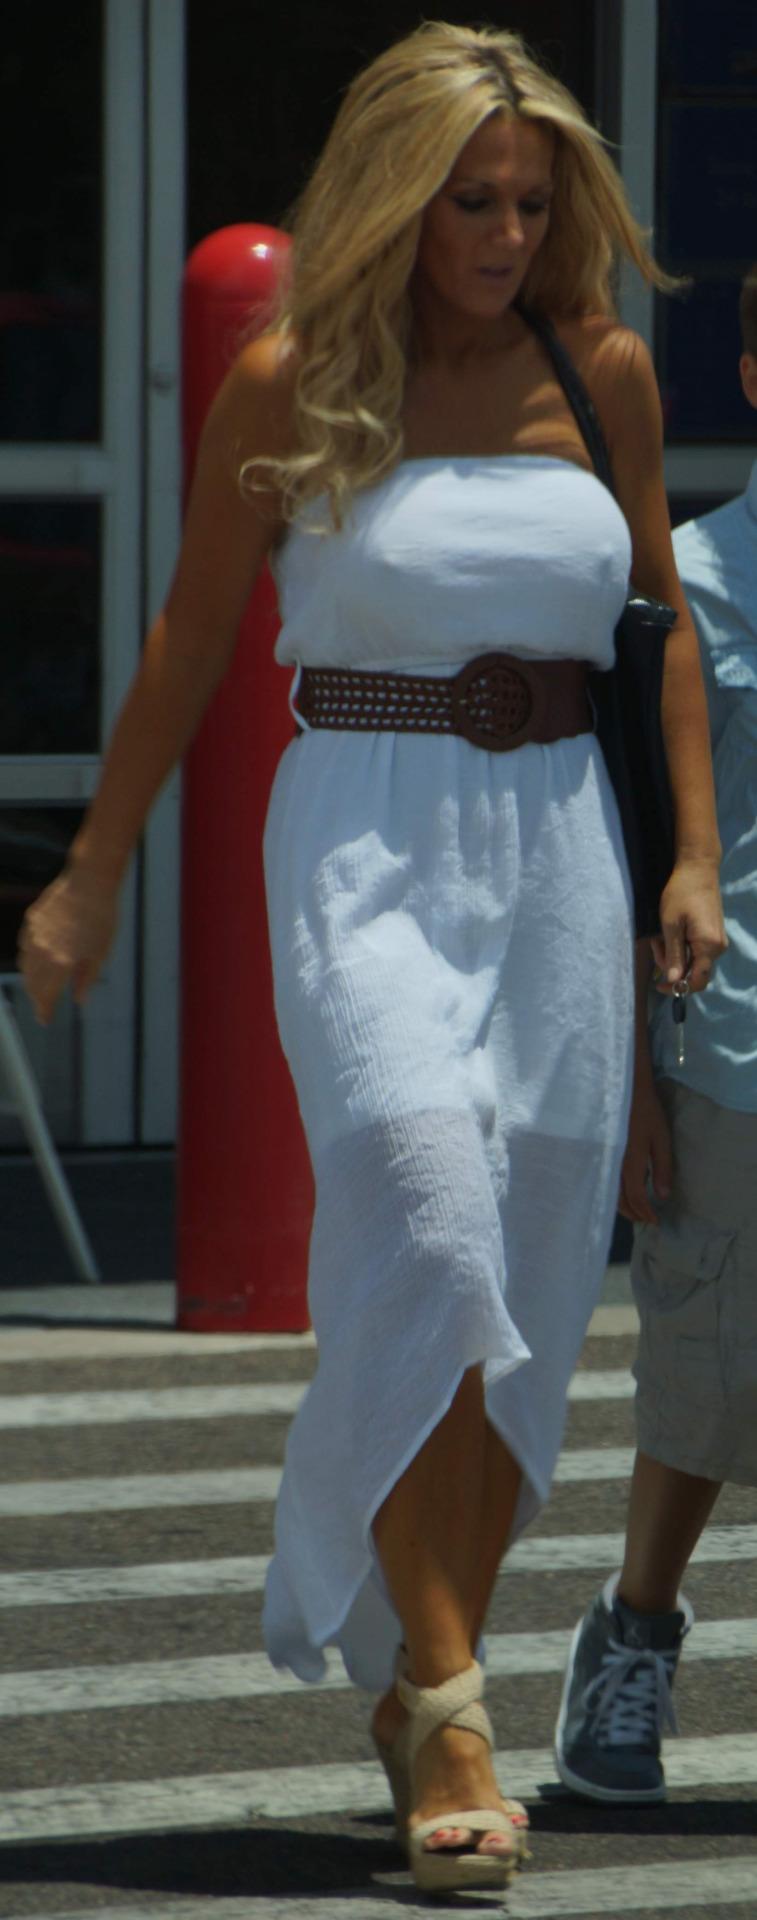 【海外エロ画像】単なる乳袋じゃない!谷間もポッチも強烈な外人着衣巨乳(;゚Д゚)